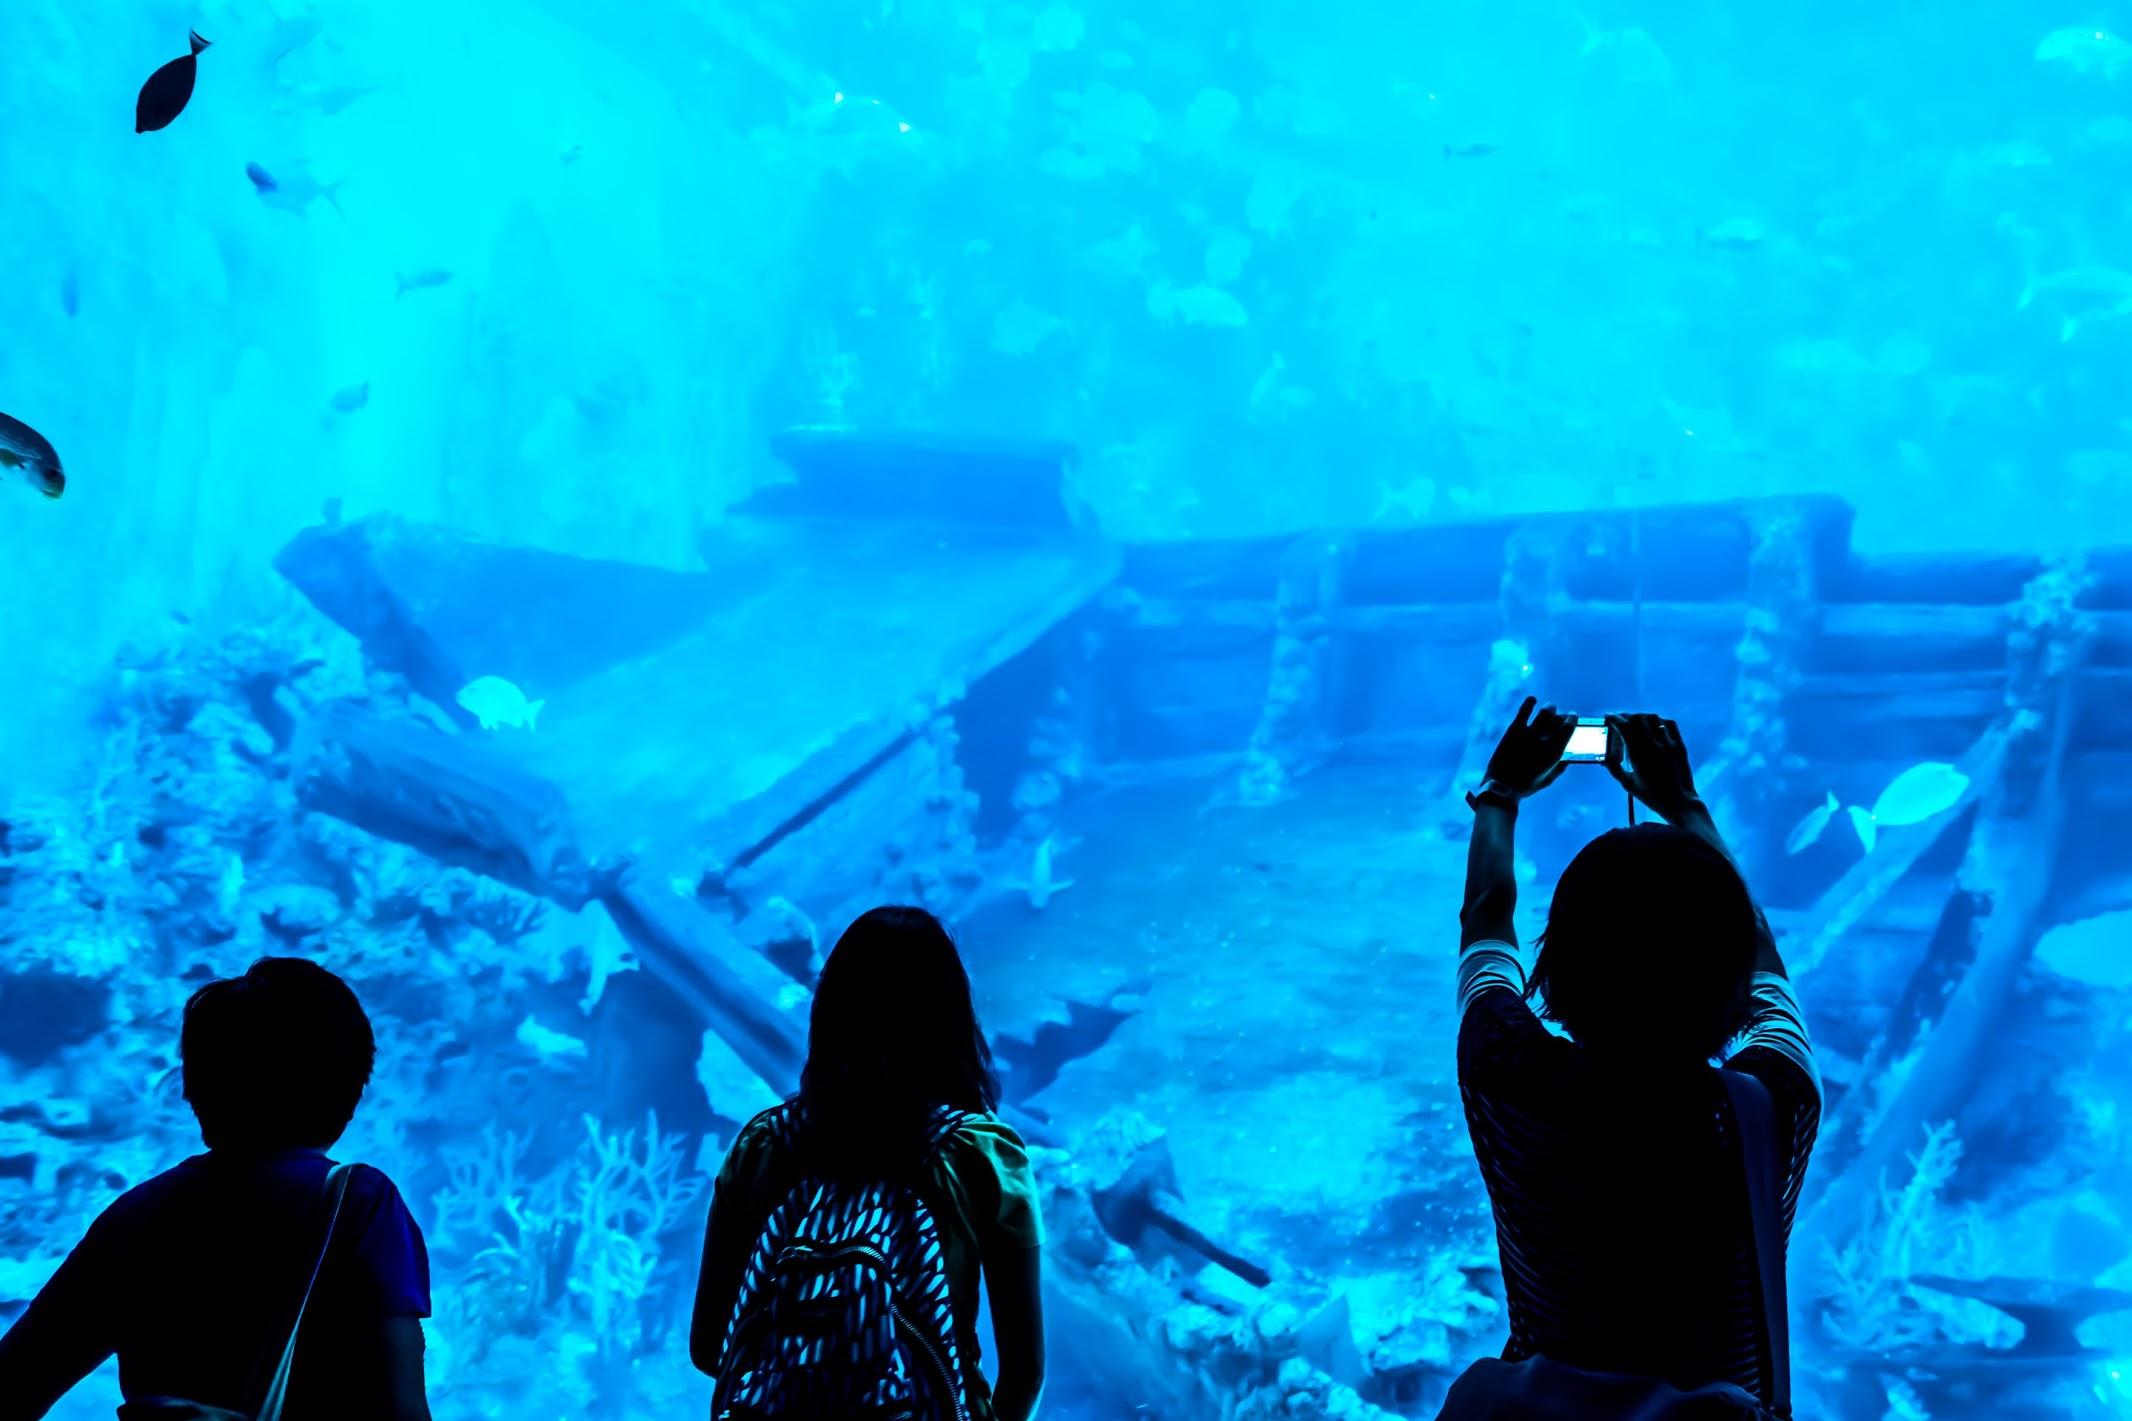 Singapore Sentosa S.E.A. Aquarium Shipwreck2